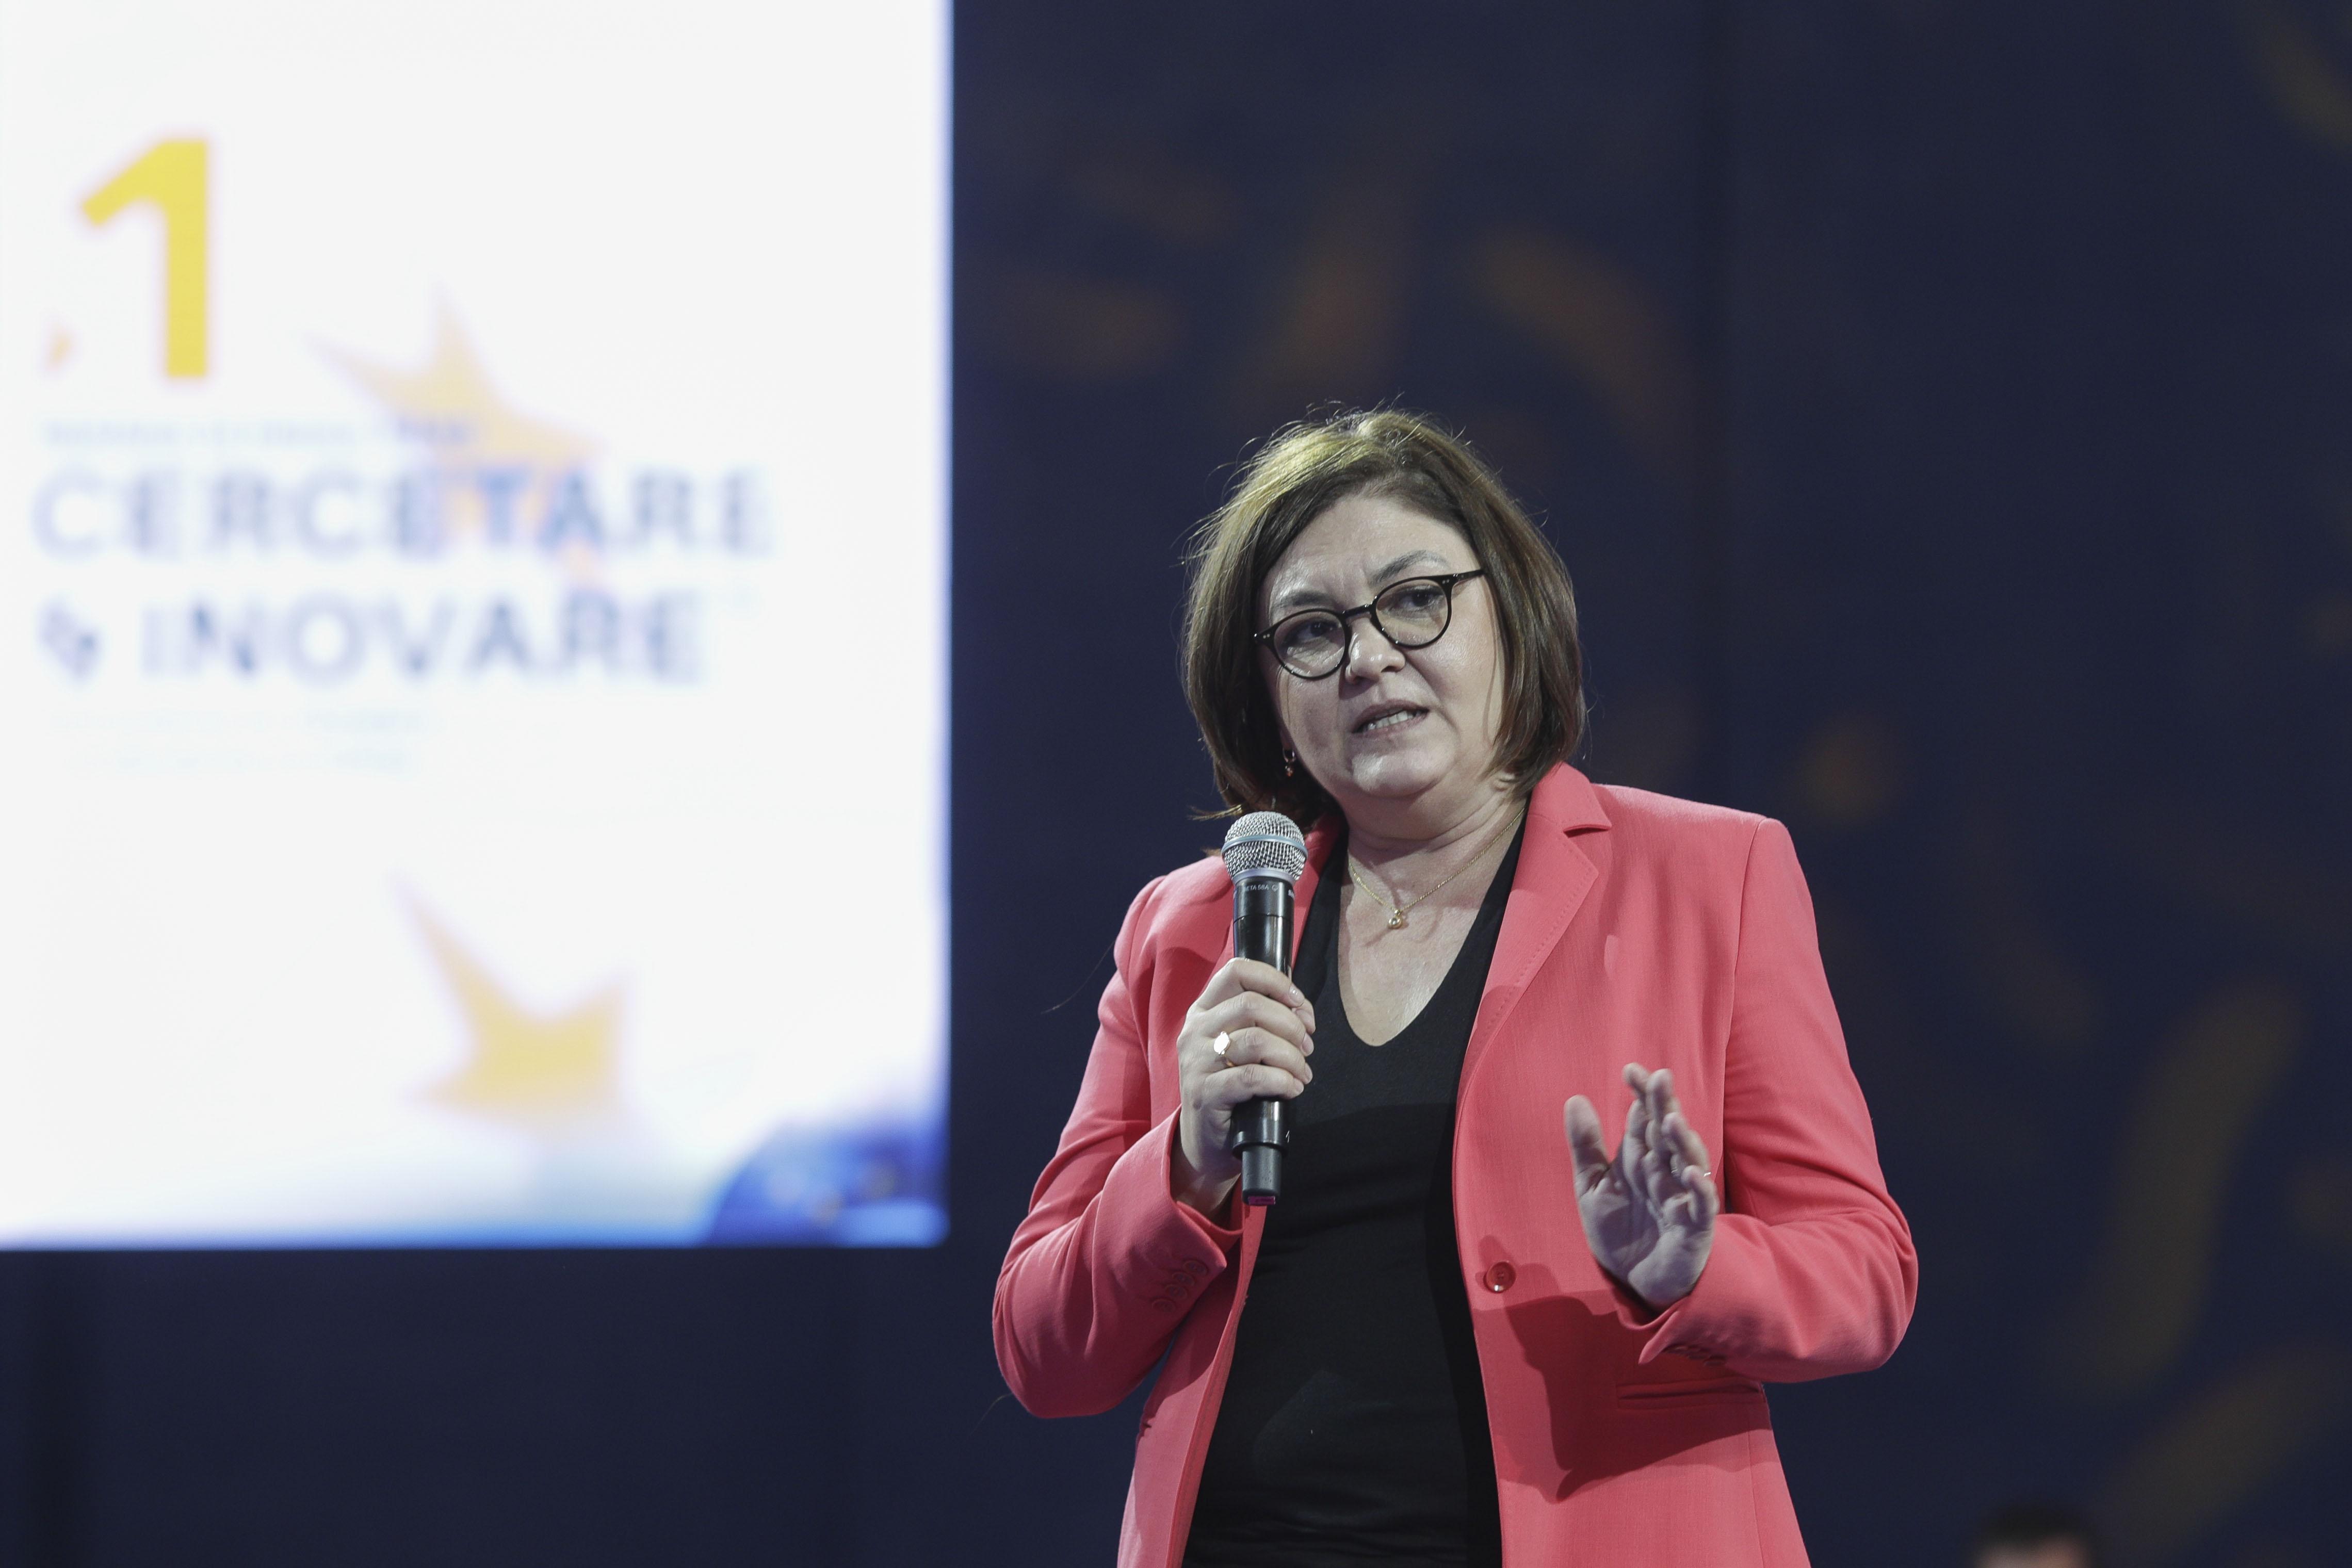 Cine este noul comisar european al României. Adina Vălean este soția lui Crin Antonescu și are o influență aparte la Bruxelles